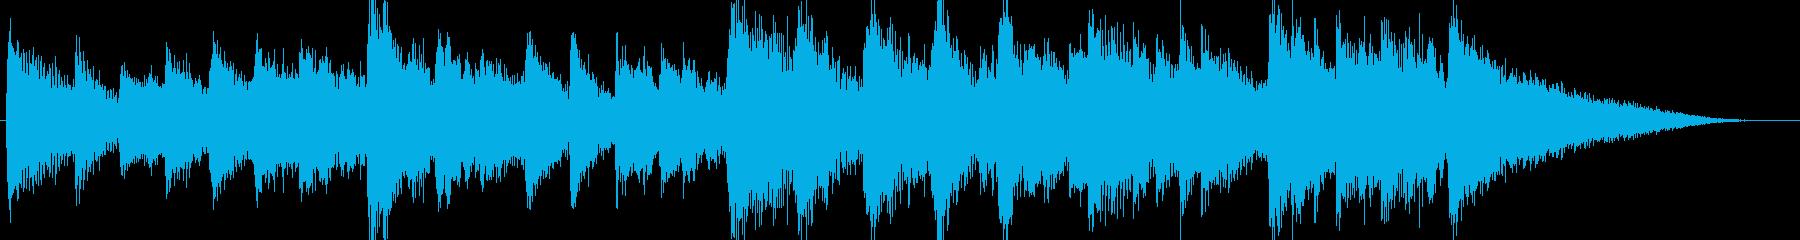 和風春CMテレビ企業VP出囃子入場ピアノの再生済みの波形